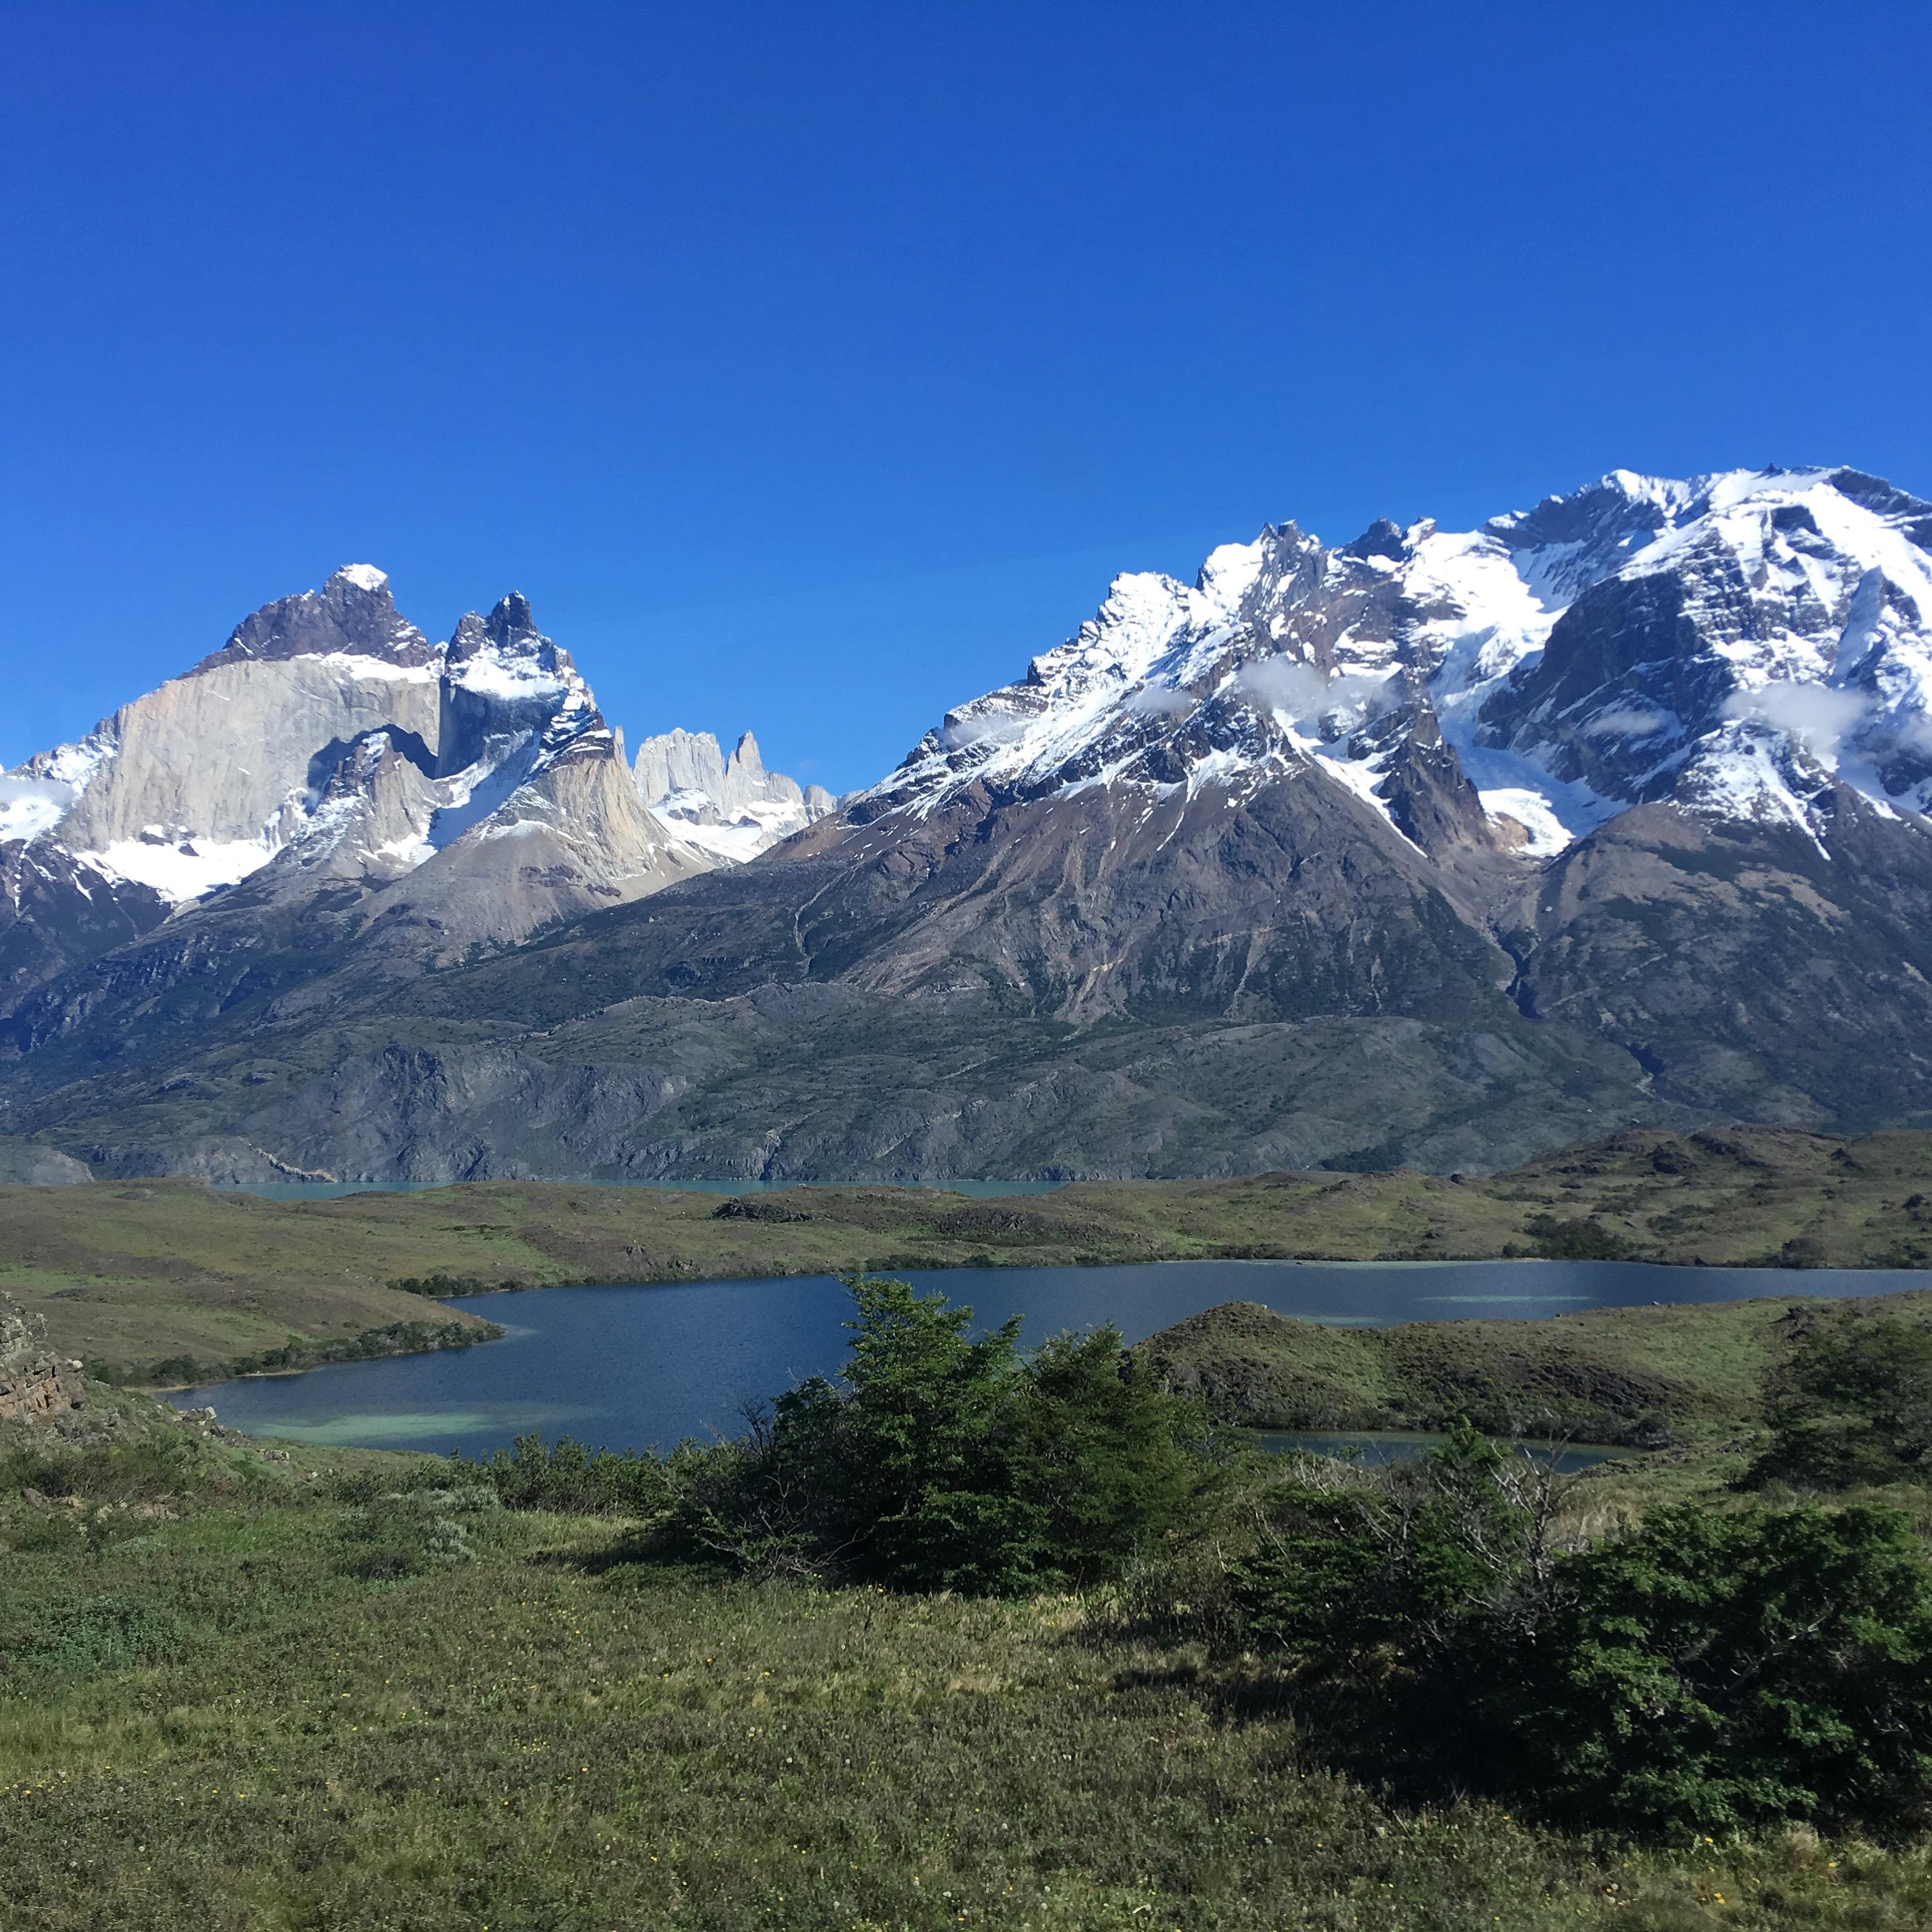 chili, montagne, patagonie, amérique latine, amérique du sud